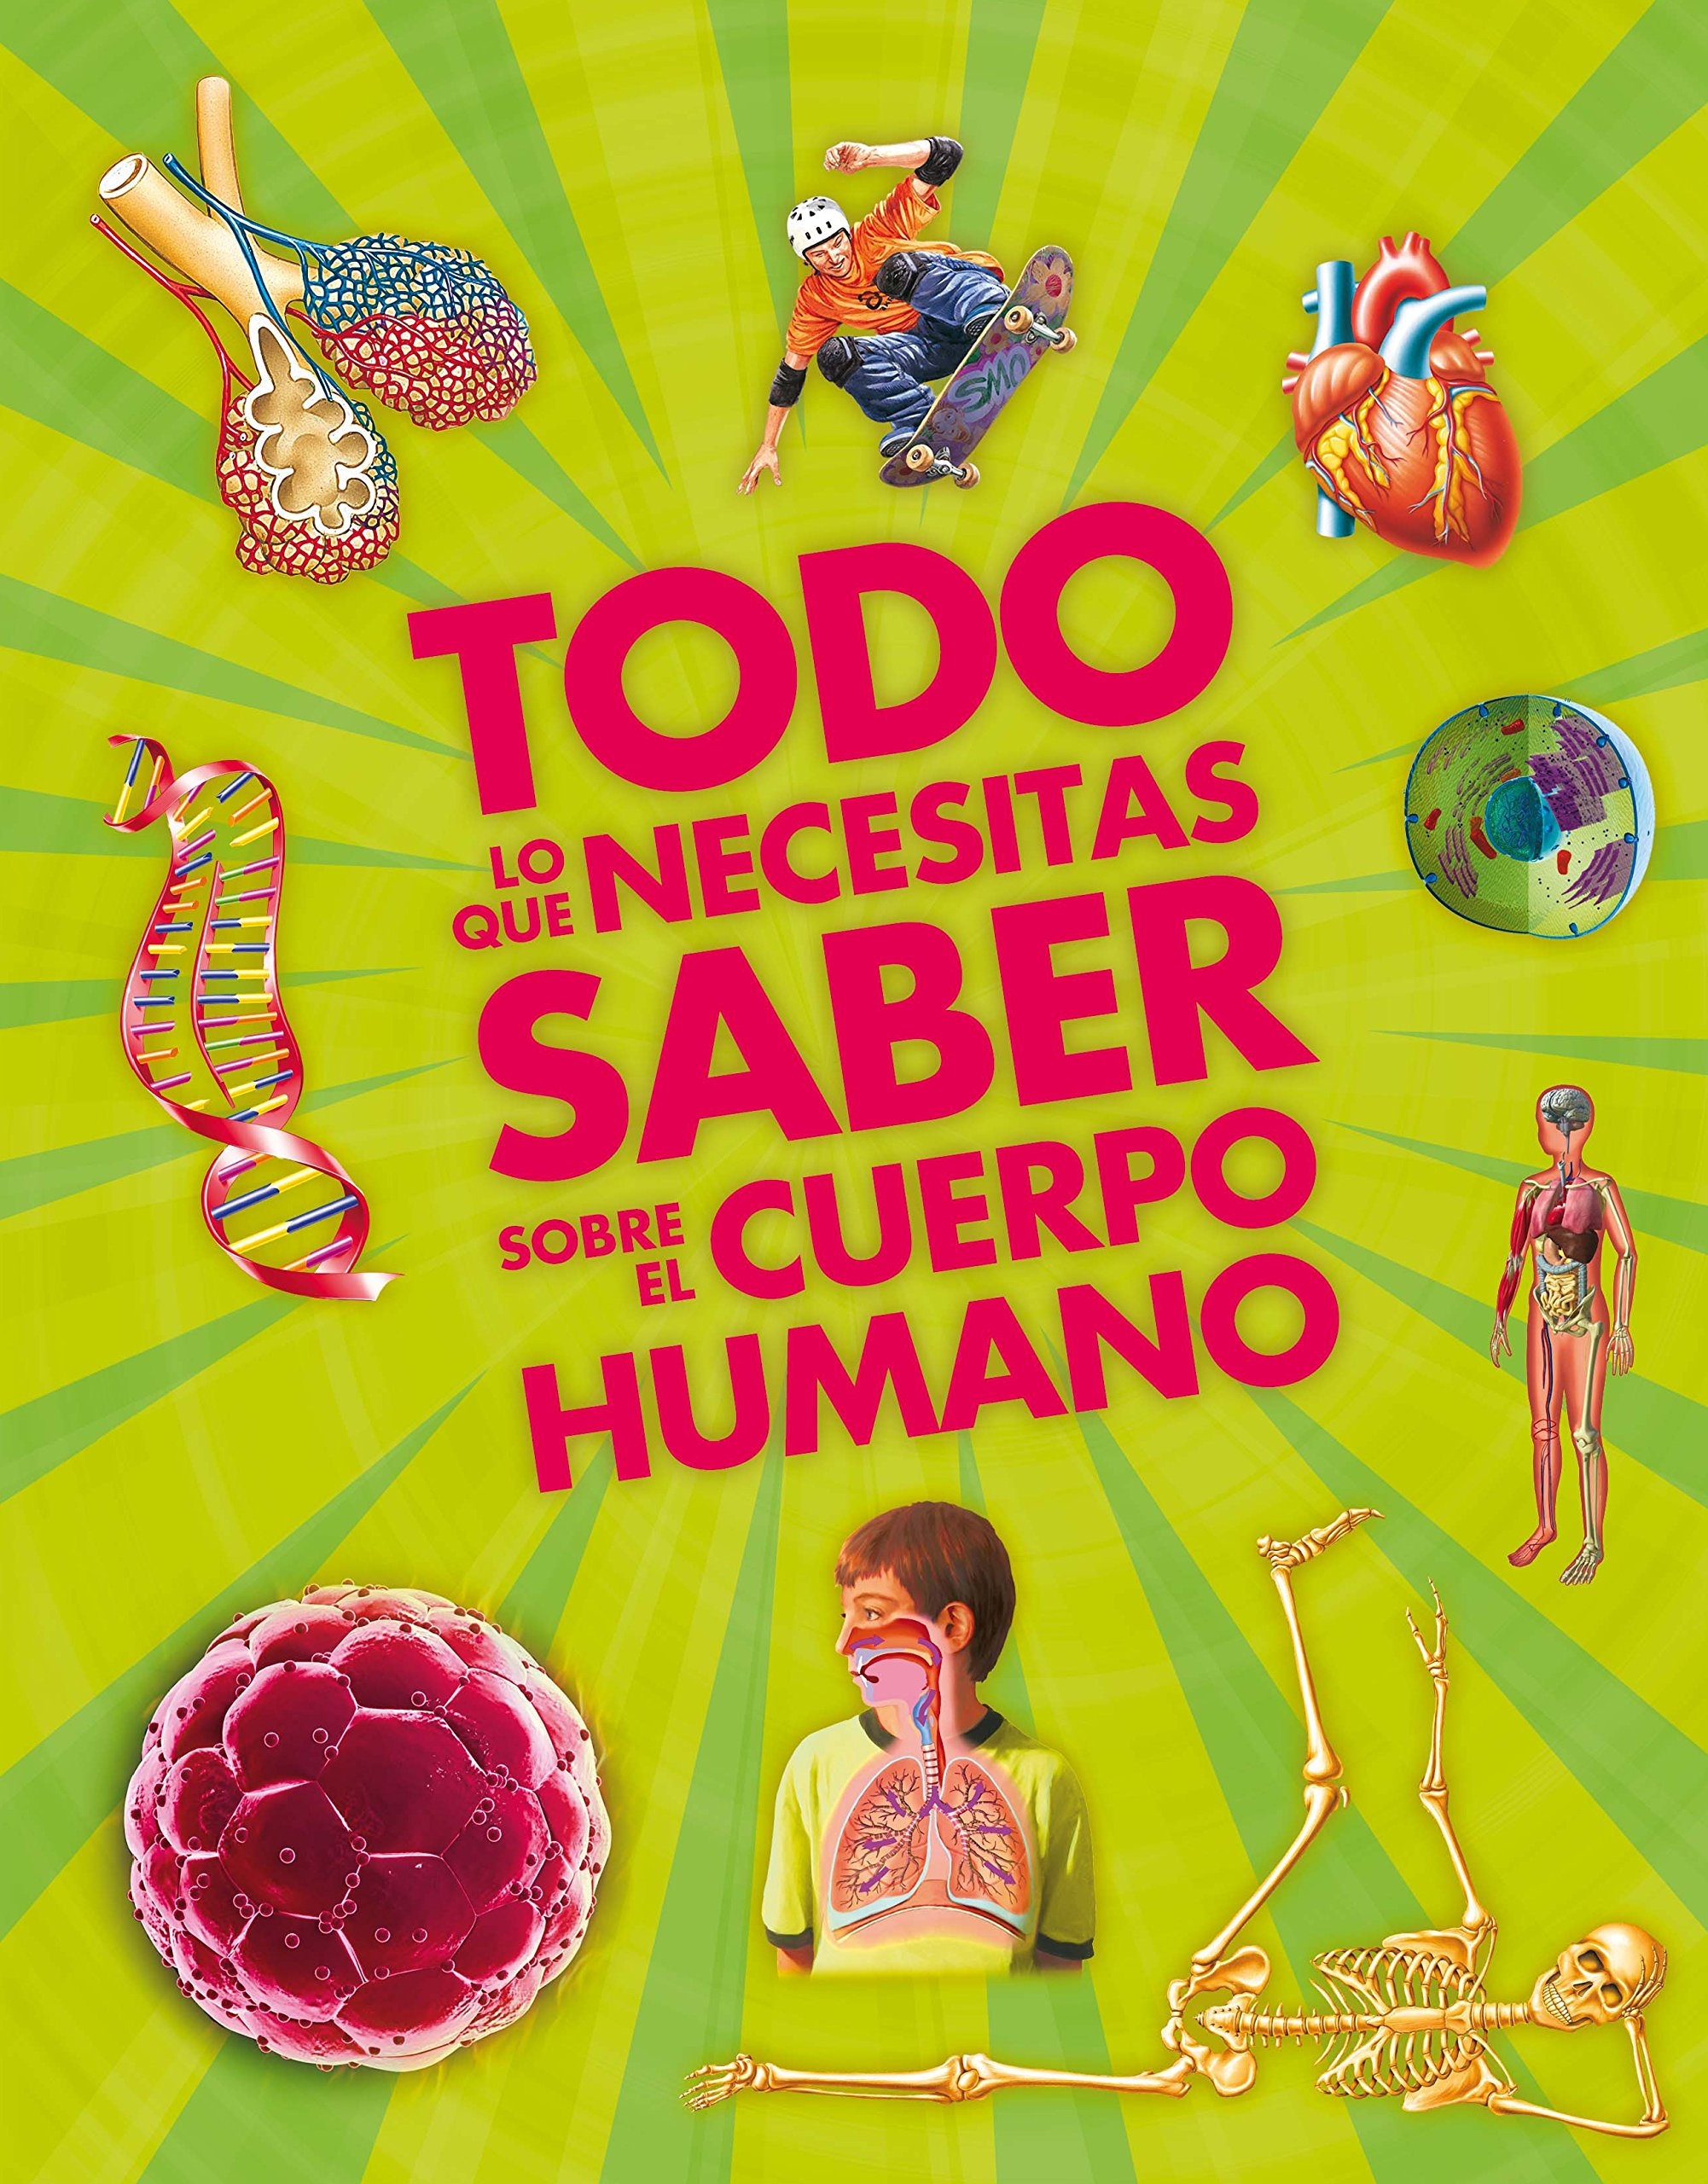 Todo lo que necesitas saber sobre el cuerpo humano Enciclopedias:  Amazon.es: Patricia Macnair, Fernando Bort Misol: Libros